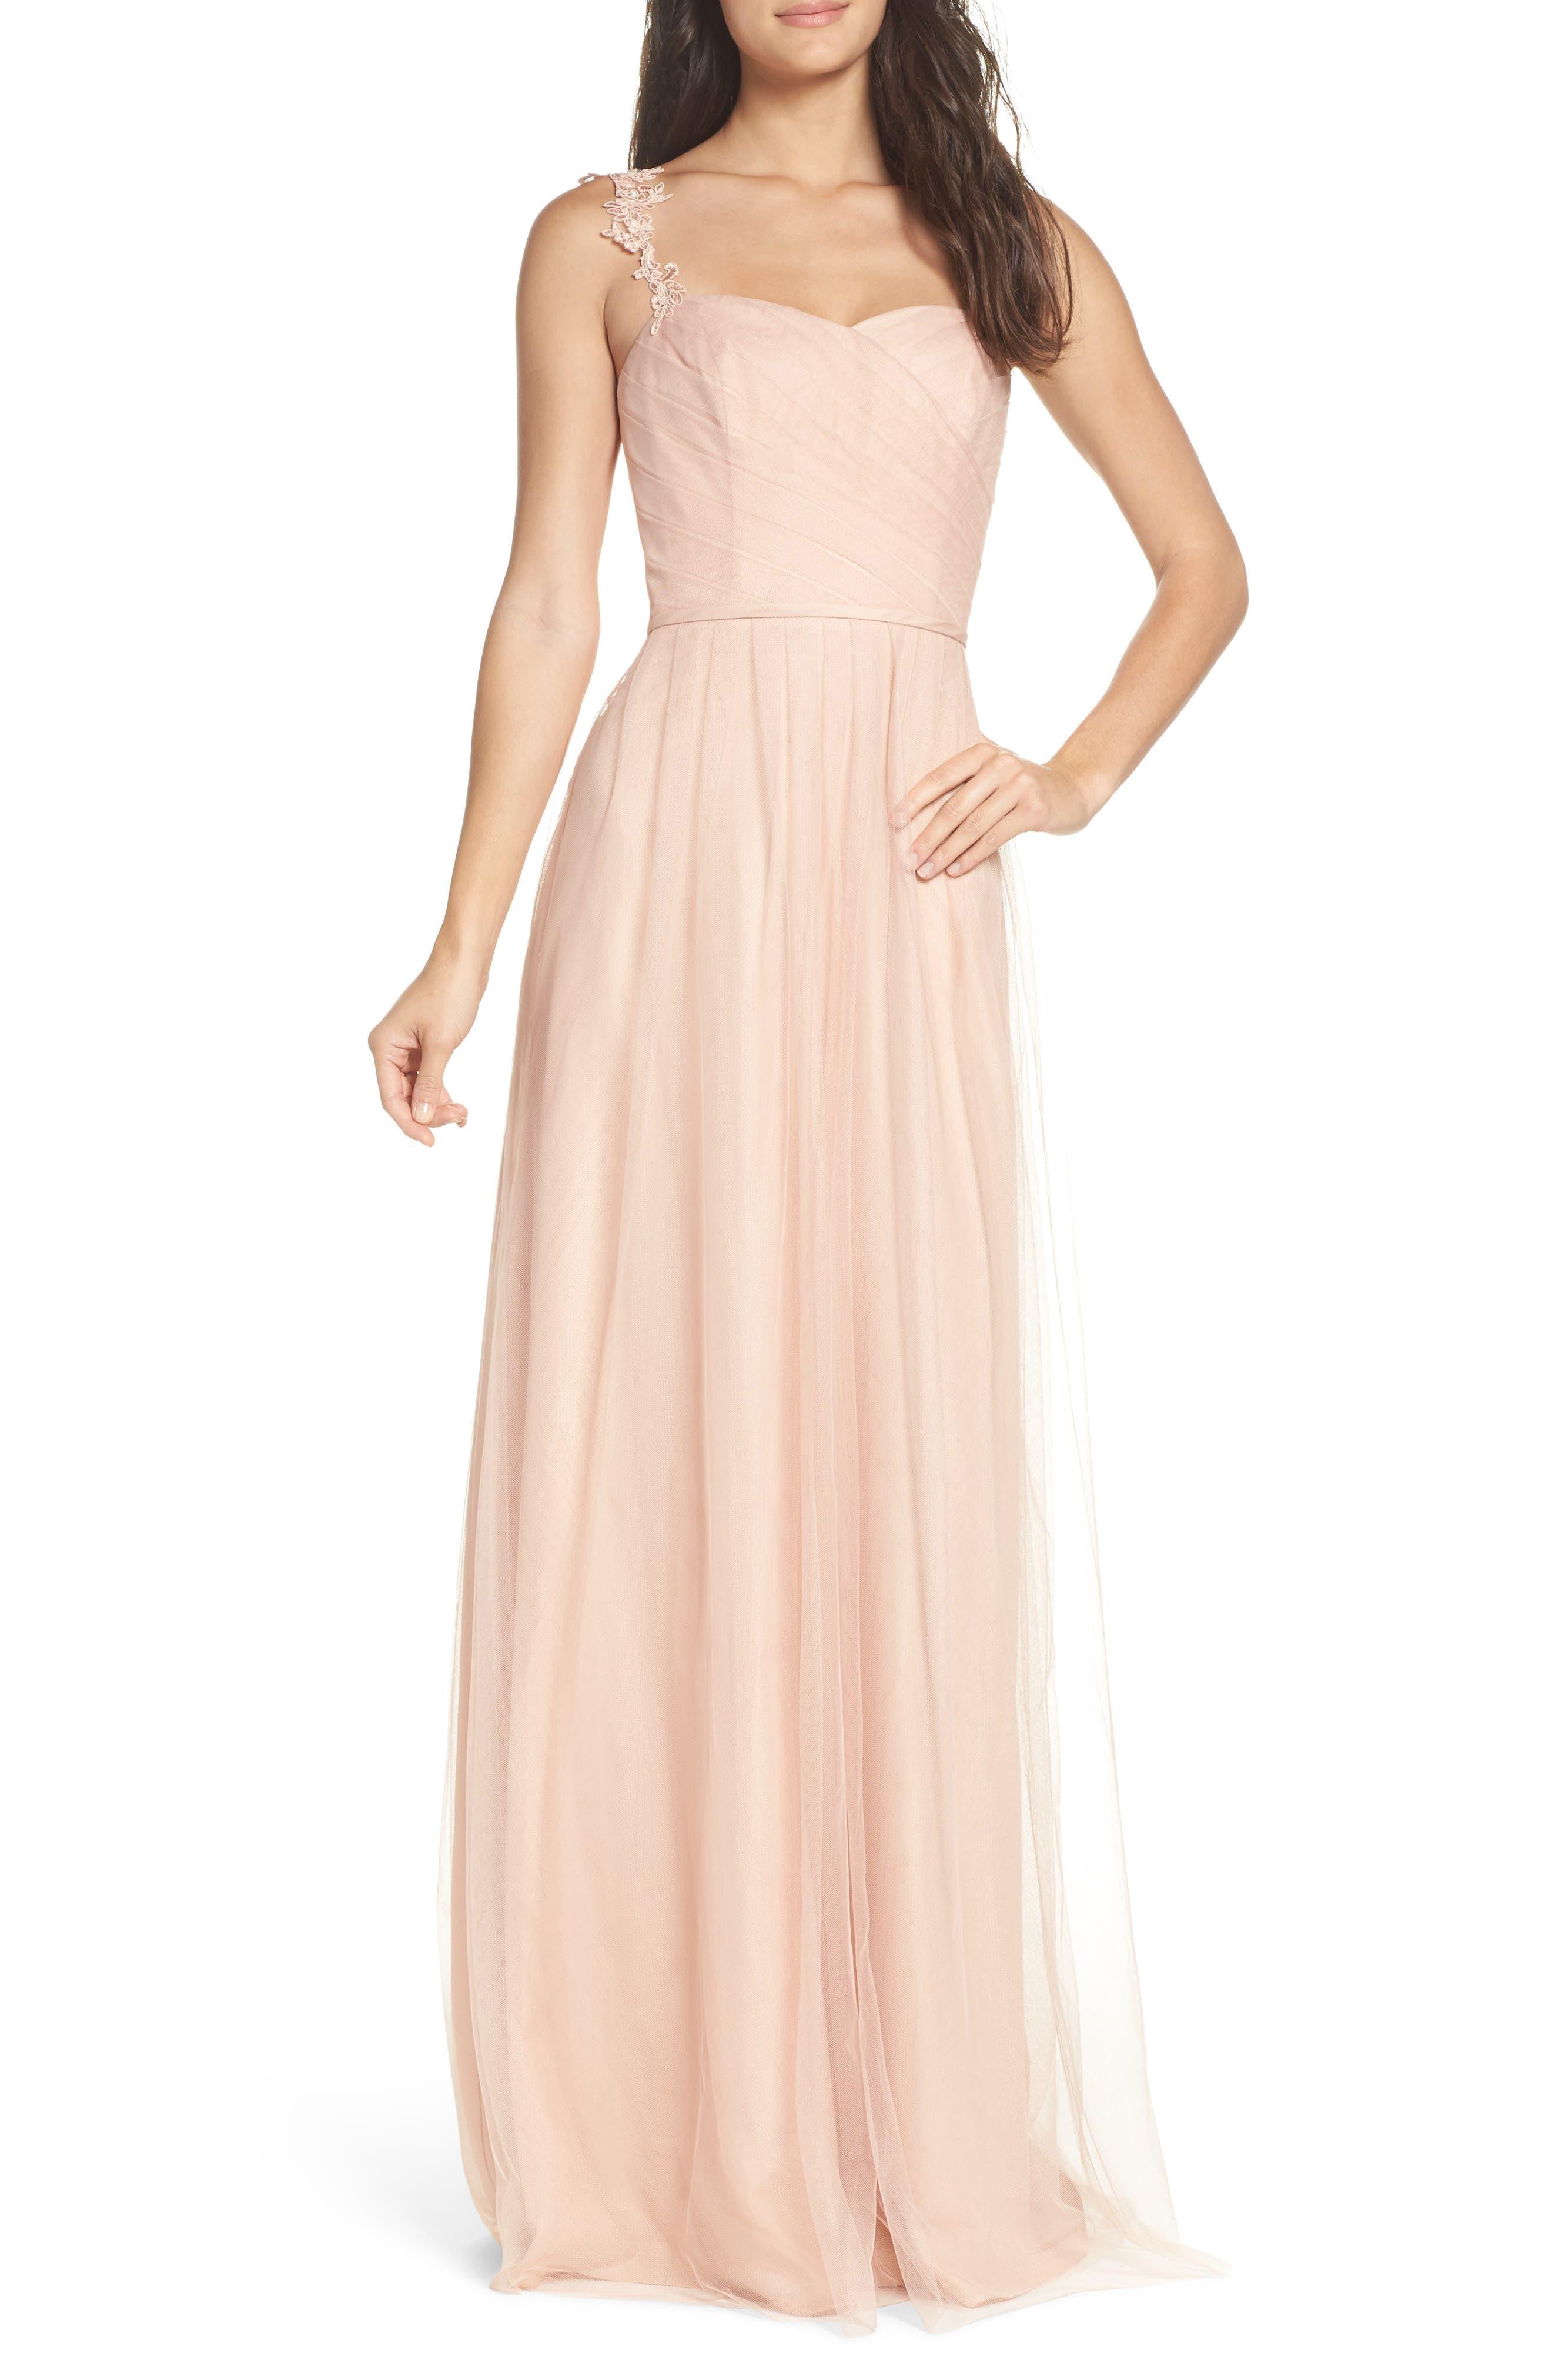 Main Image - Monique Lhuillier Bridesmaids Violetta Tulle Gown